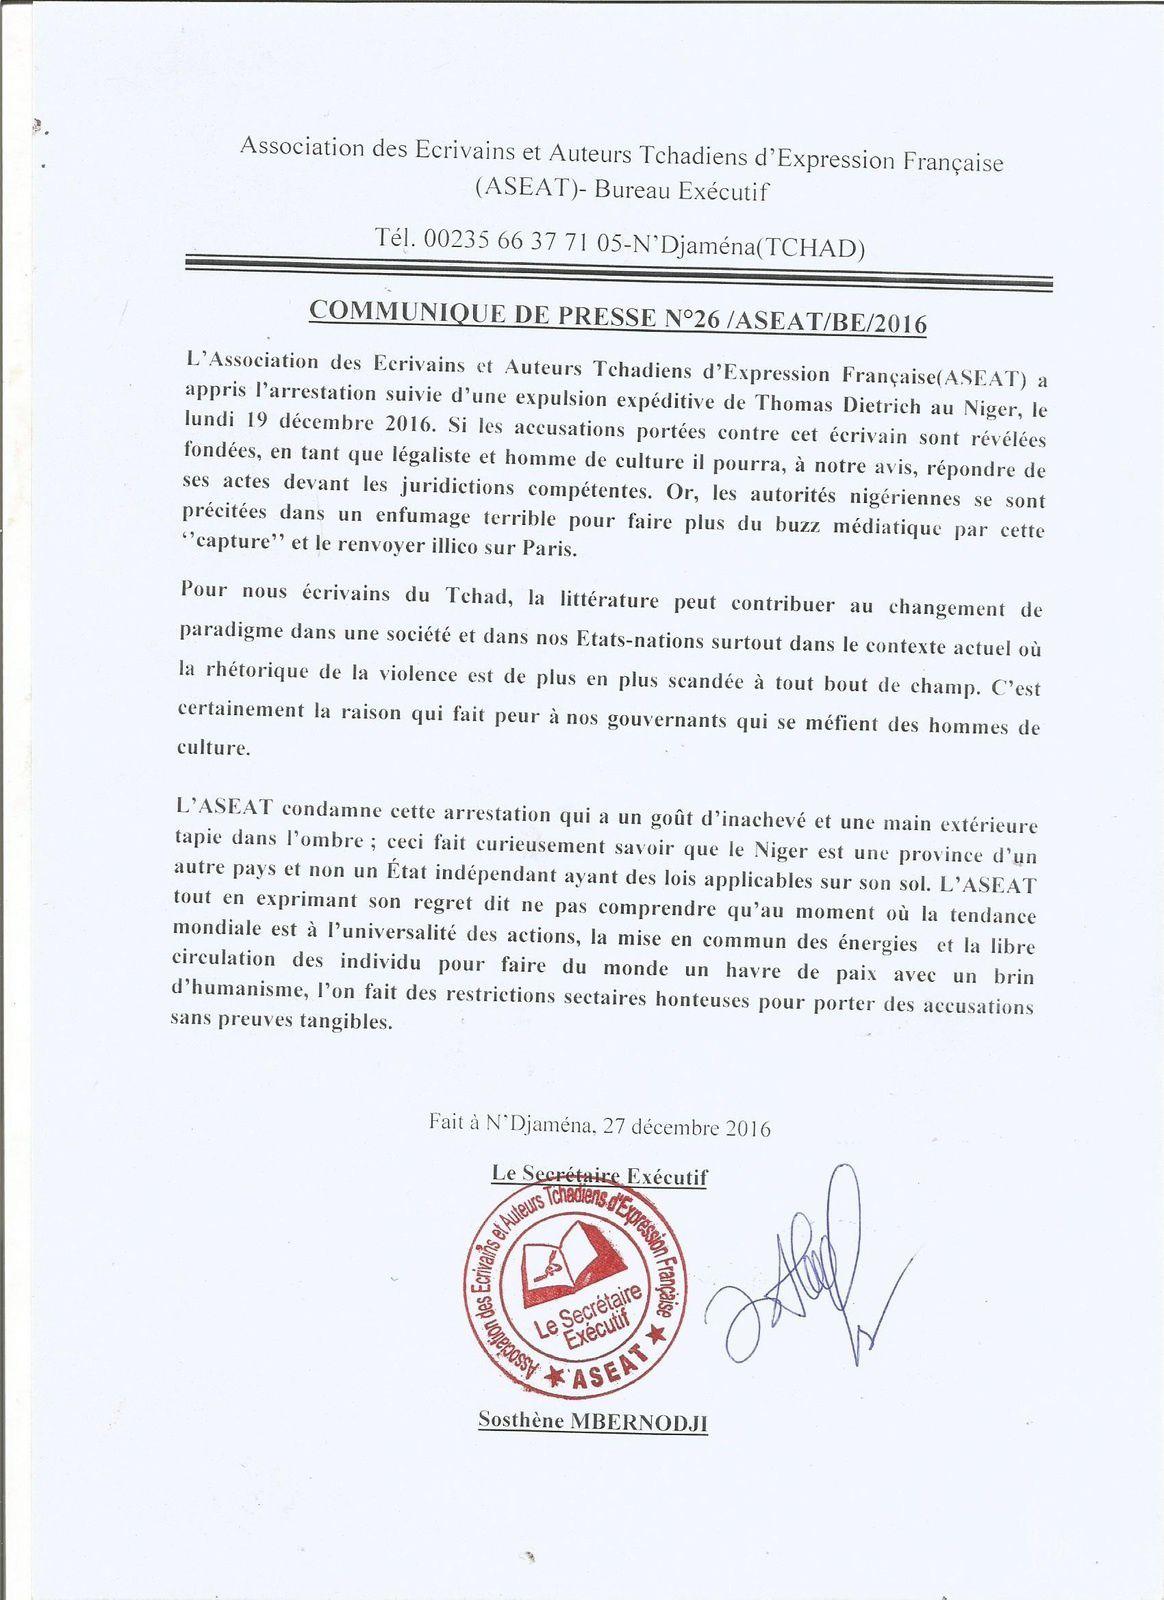 Les écrivains tchadiens dénoncent l'expulsion du Niger de Thomas Dietrich